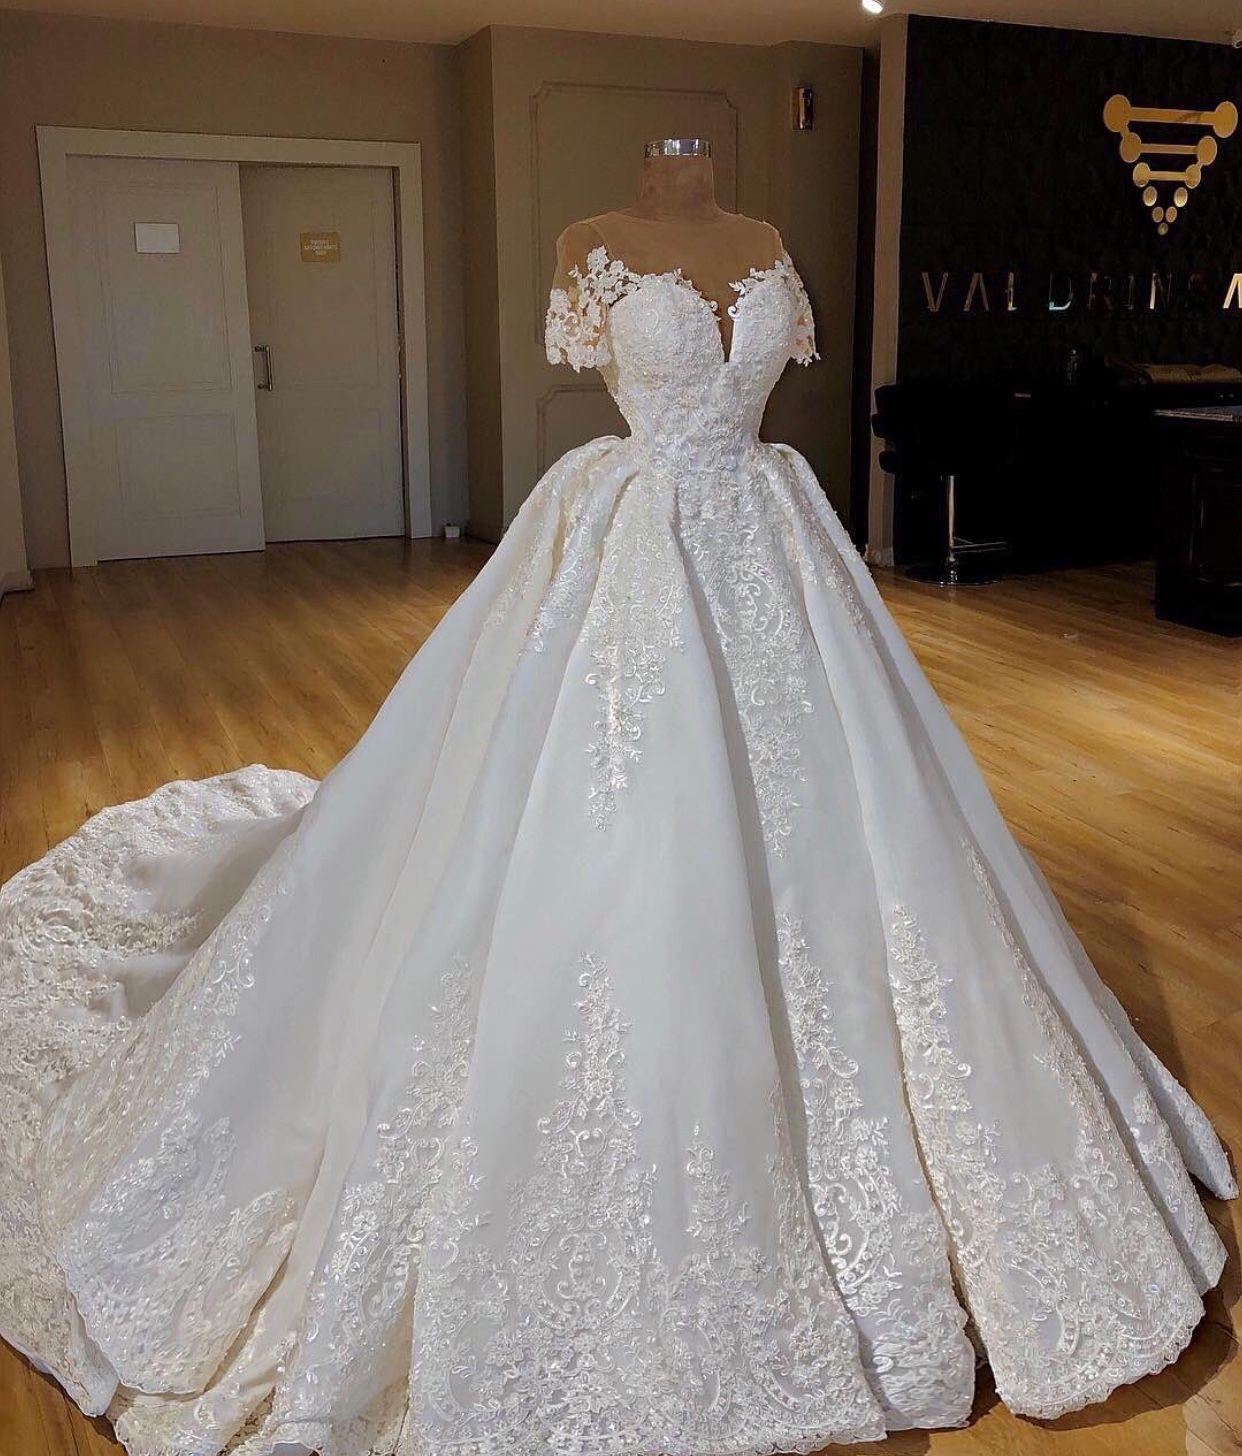 Neue islamische muslimische Brautkleider 18 Spitze Bling kurzen Ärmeln  arabische Brautkleider marokkanischen Kaftan Vestido de noiva